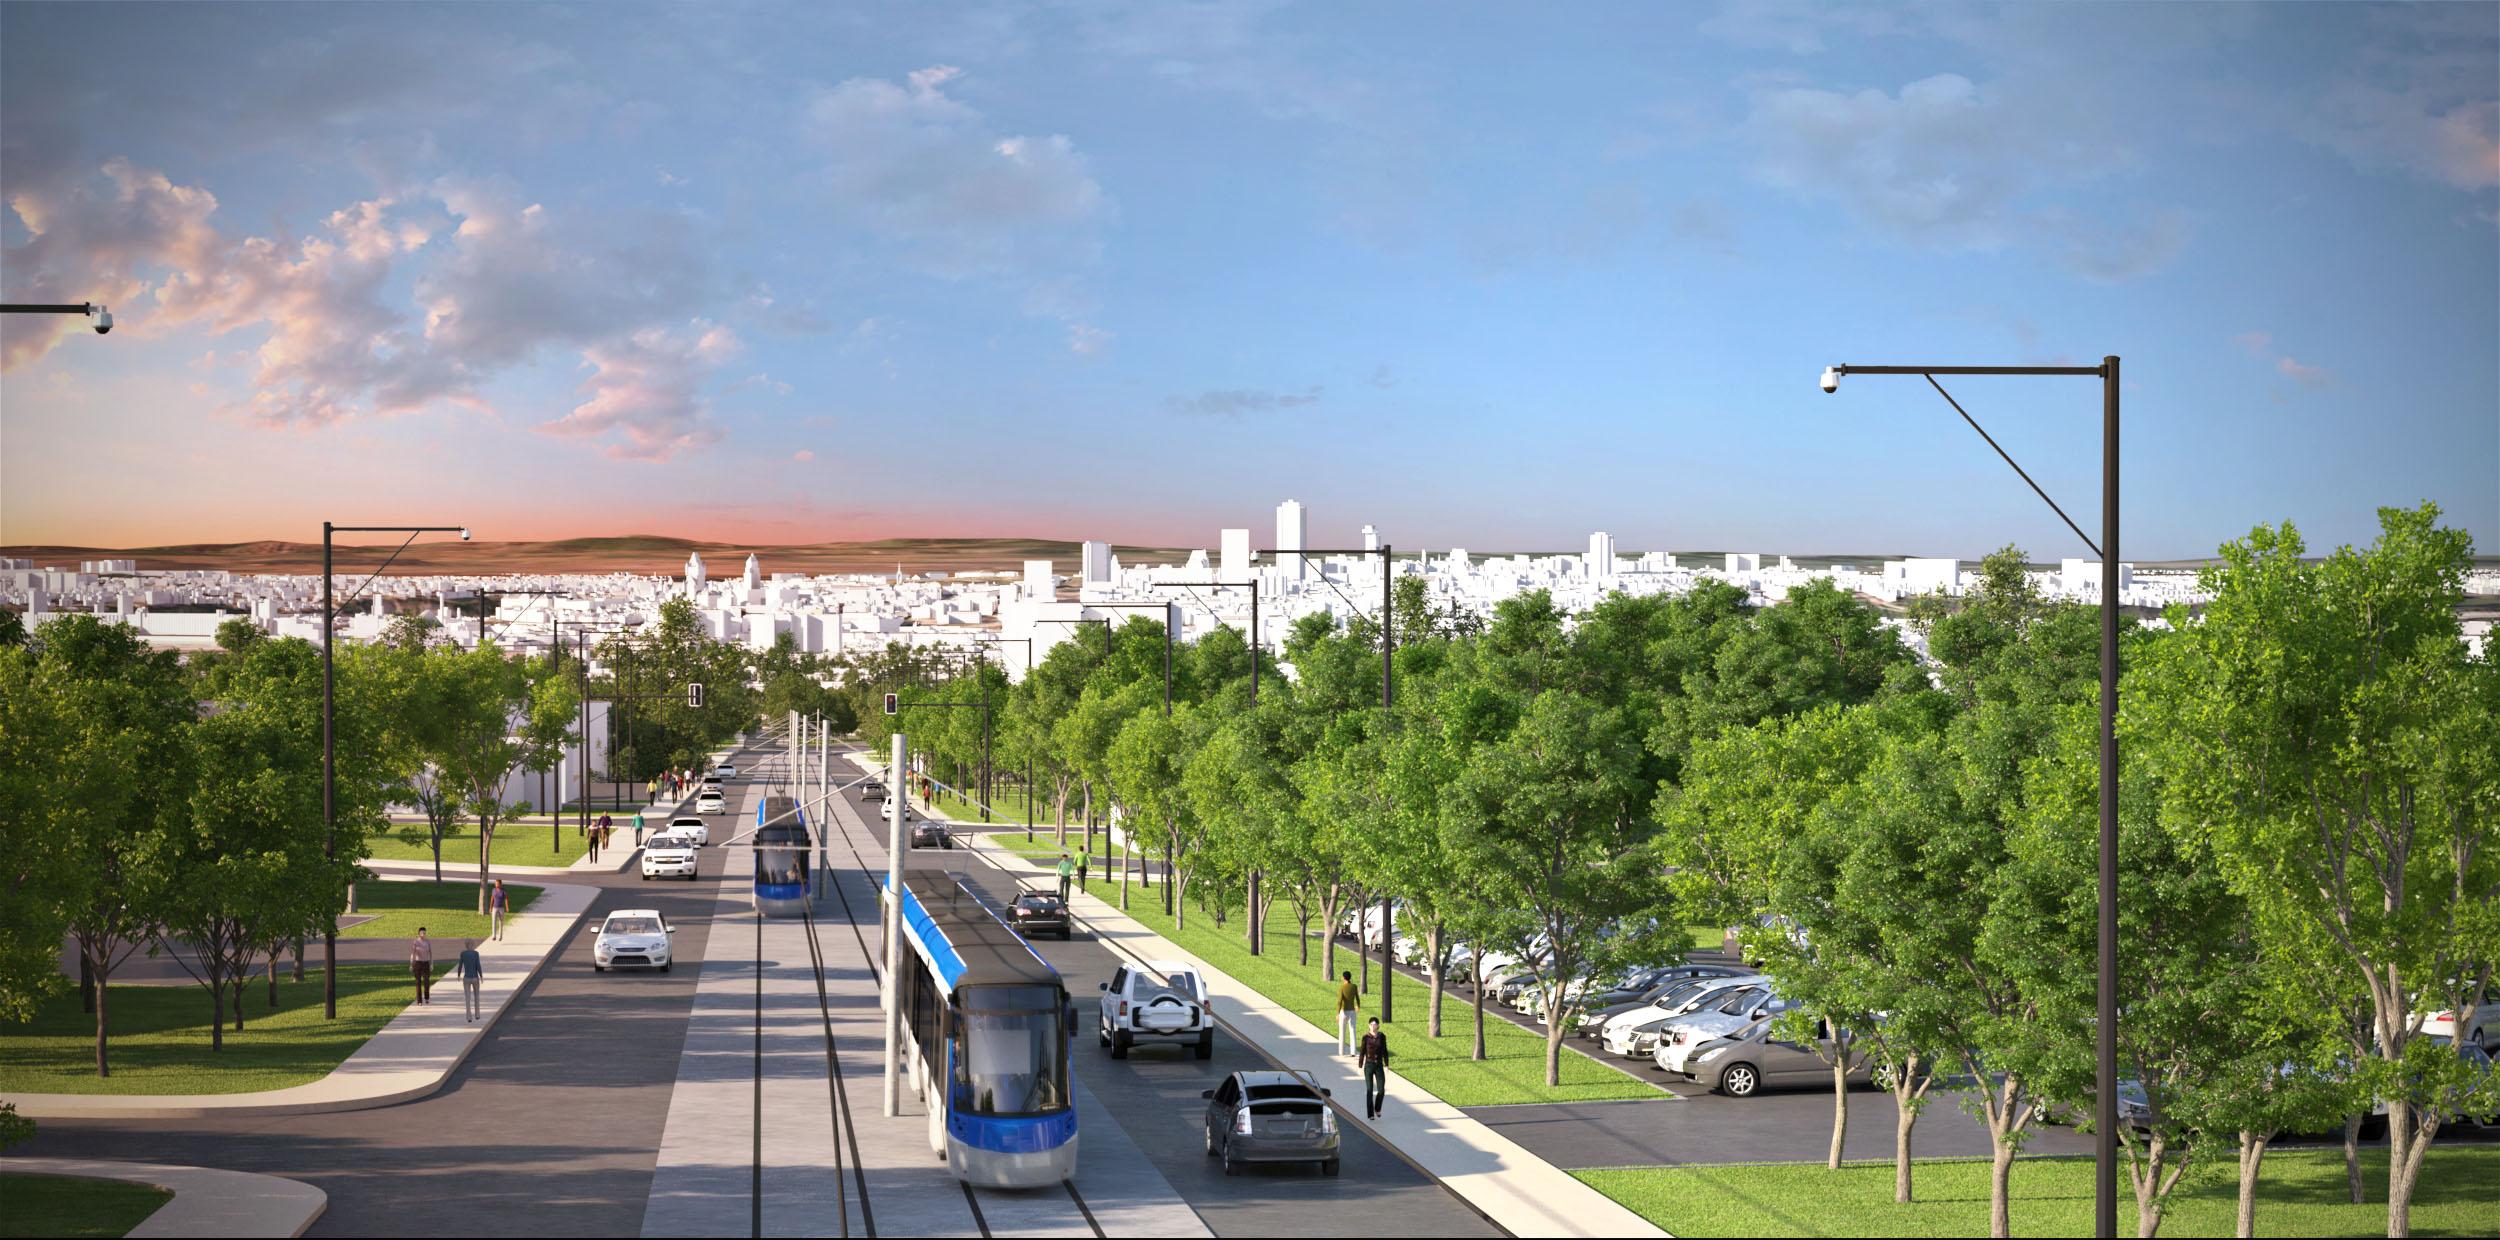 Maquette du tracé des tramways du projet de transport à Québec Photo: Réseau de transport de la Capitale